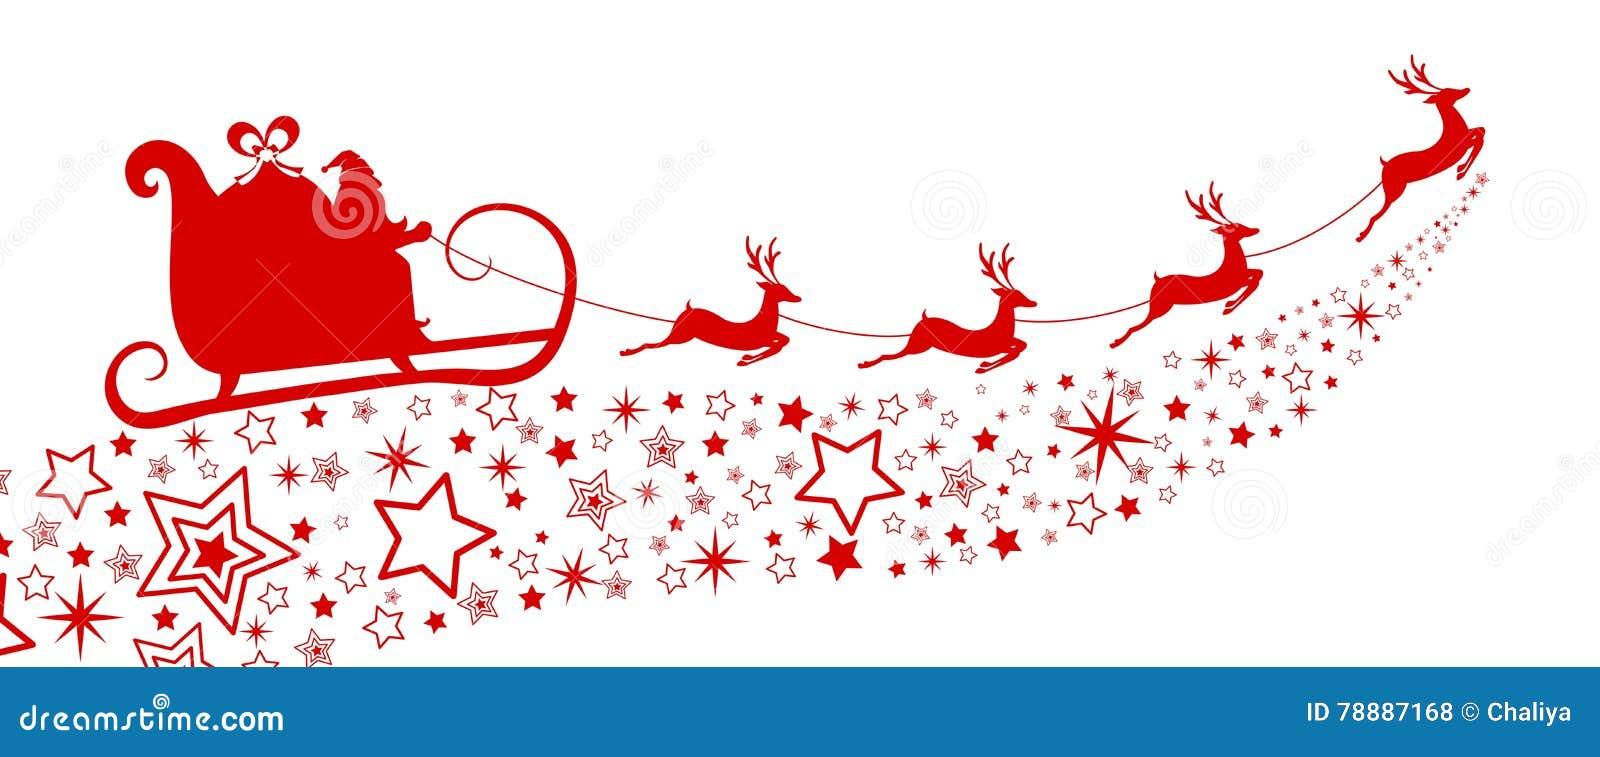 silhouette rouge vol du p re no l avec le tra neau de renne sur l 39 toile illustration de vecteur. Black Bedroom Furniture Sets. Home Design Ideas